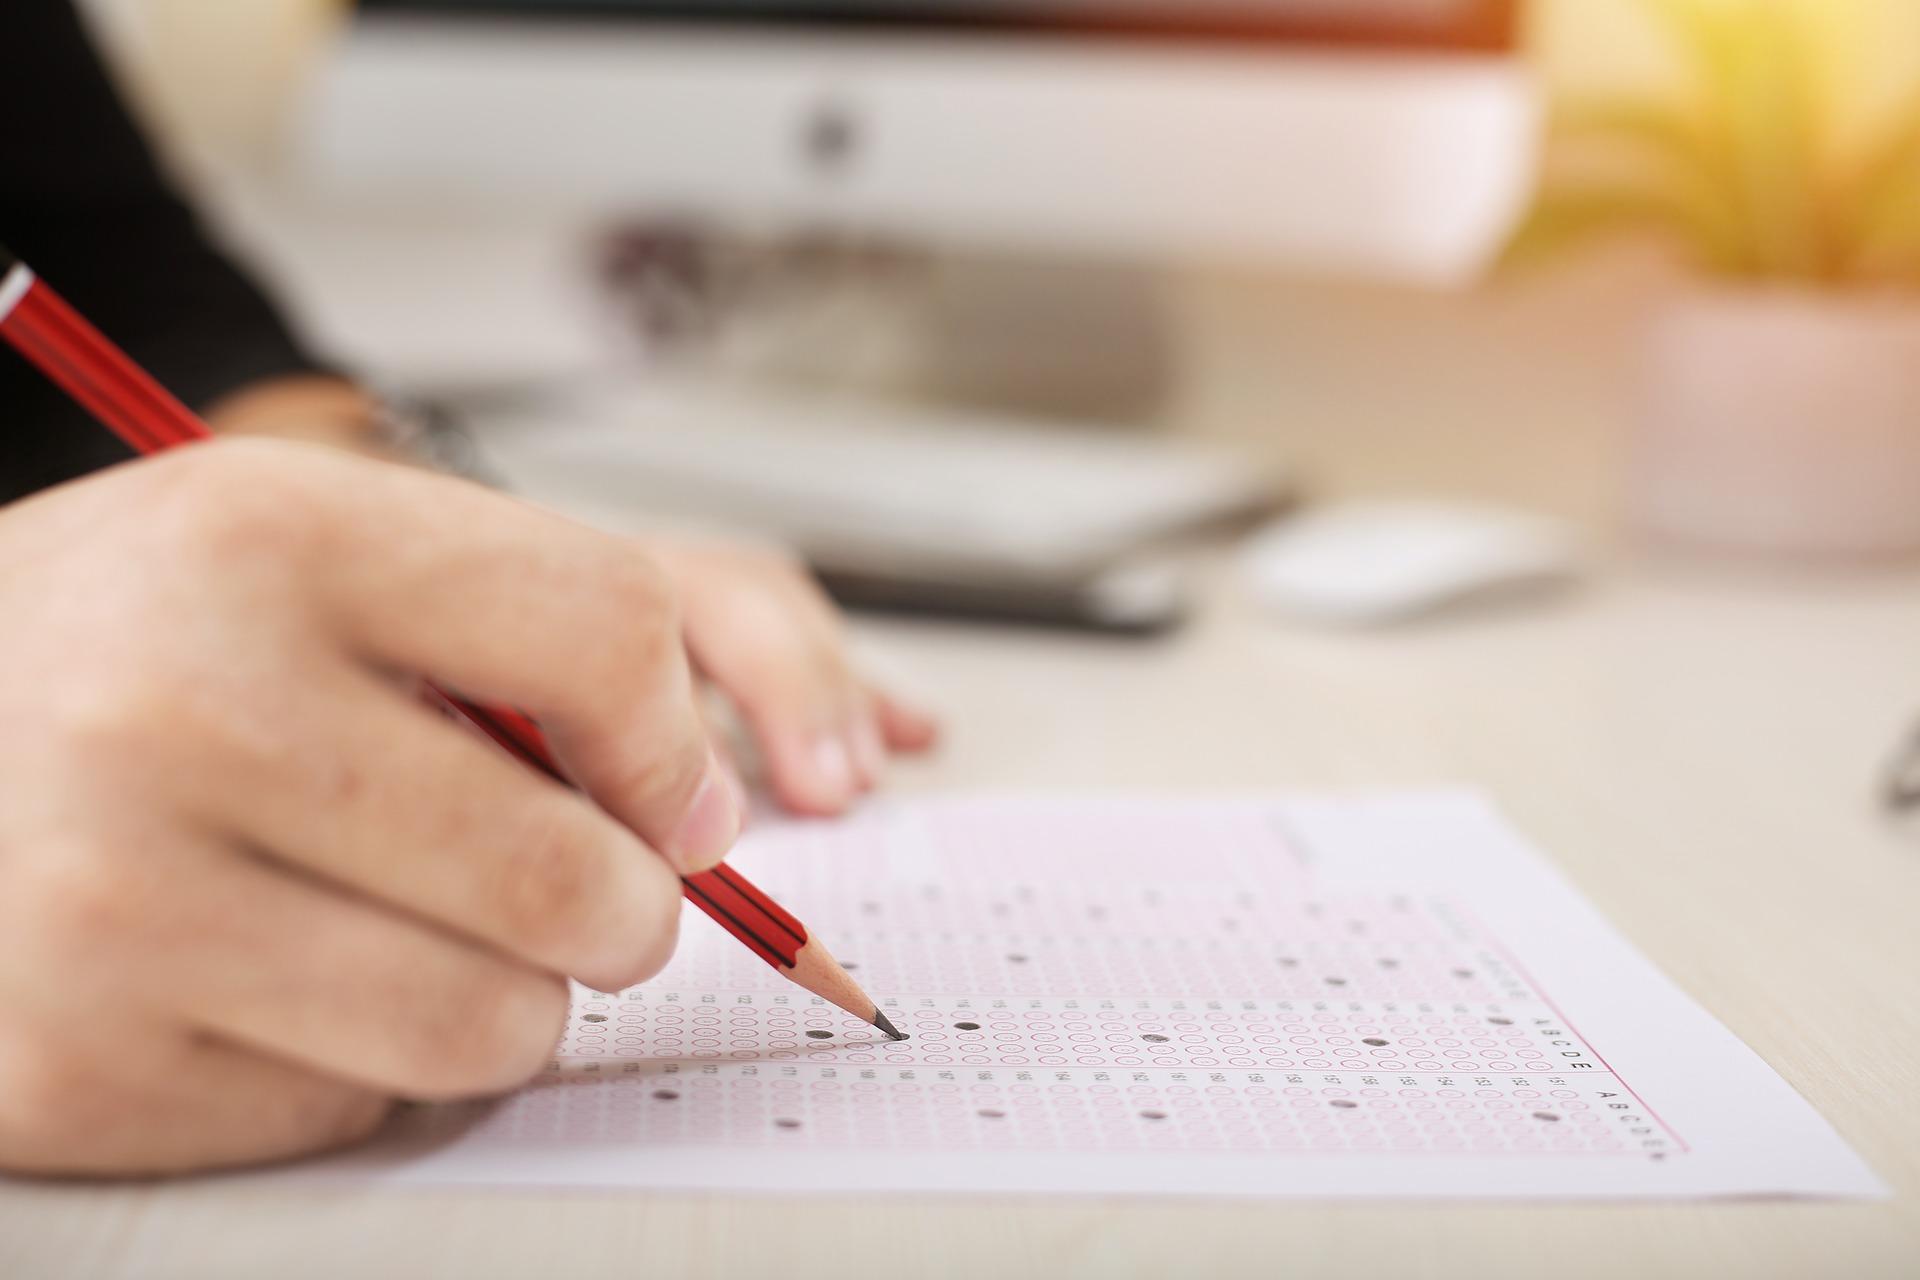 Eine Hand hält einen Stift und füllt Multiple-Choice-Fragen aus, warmes Licht im Hintergrund